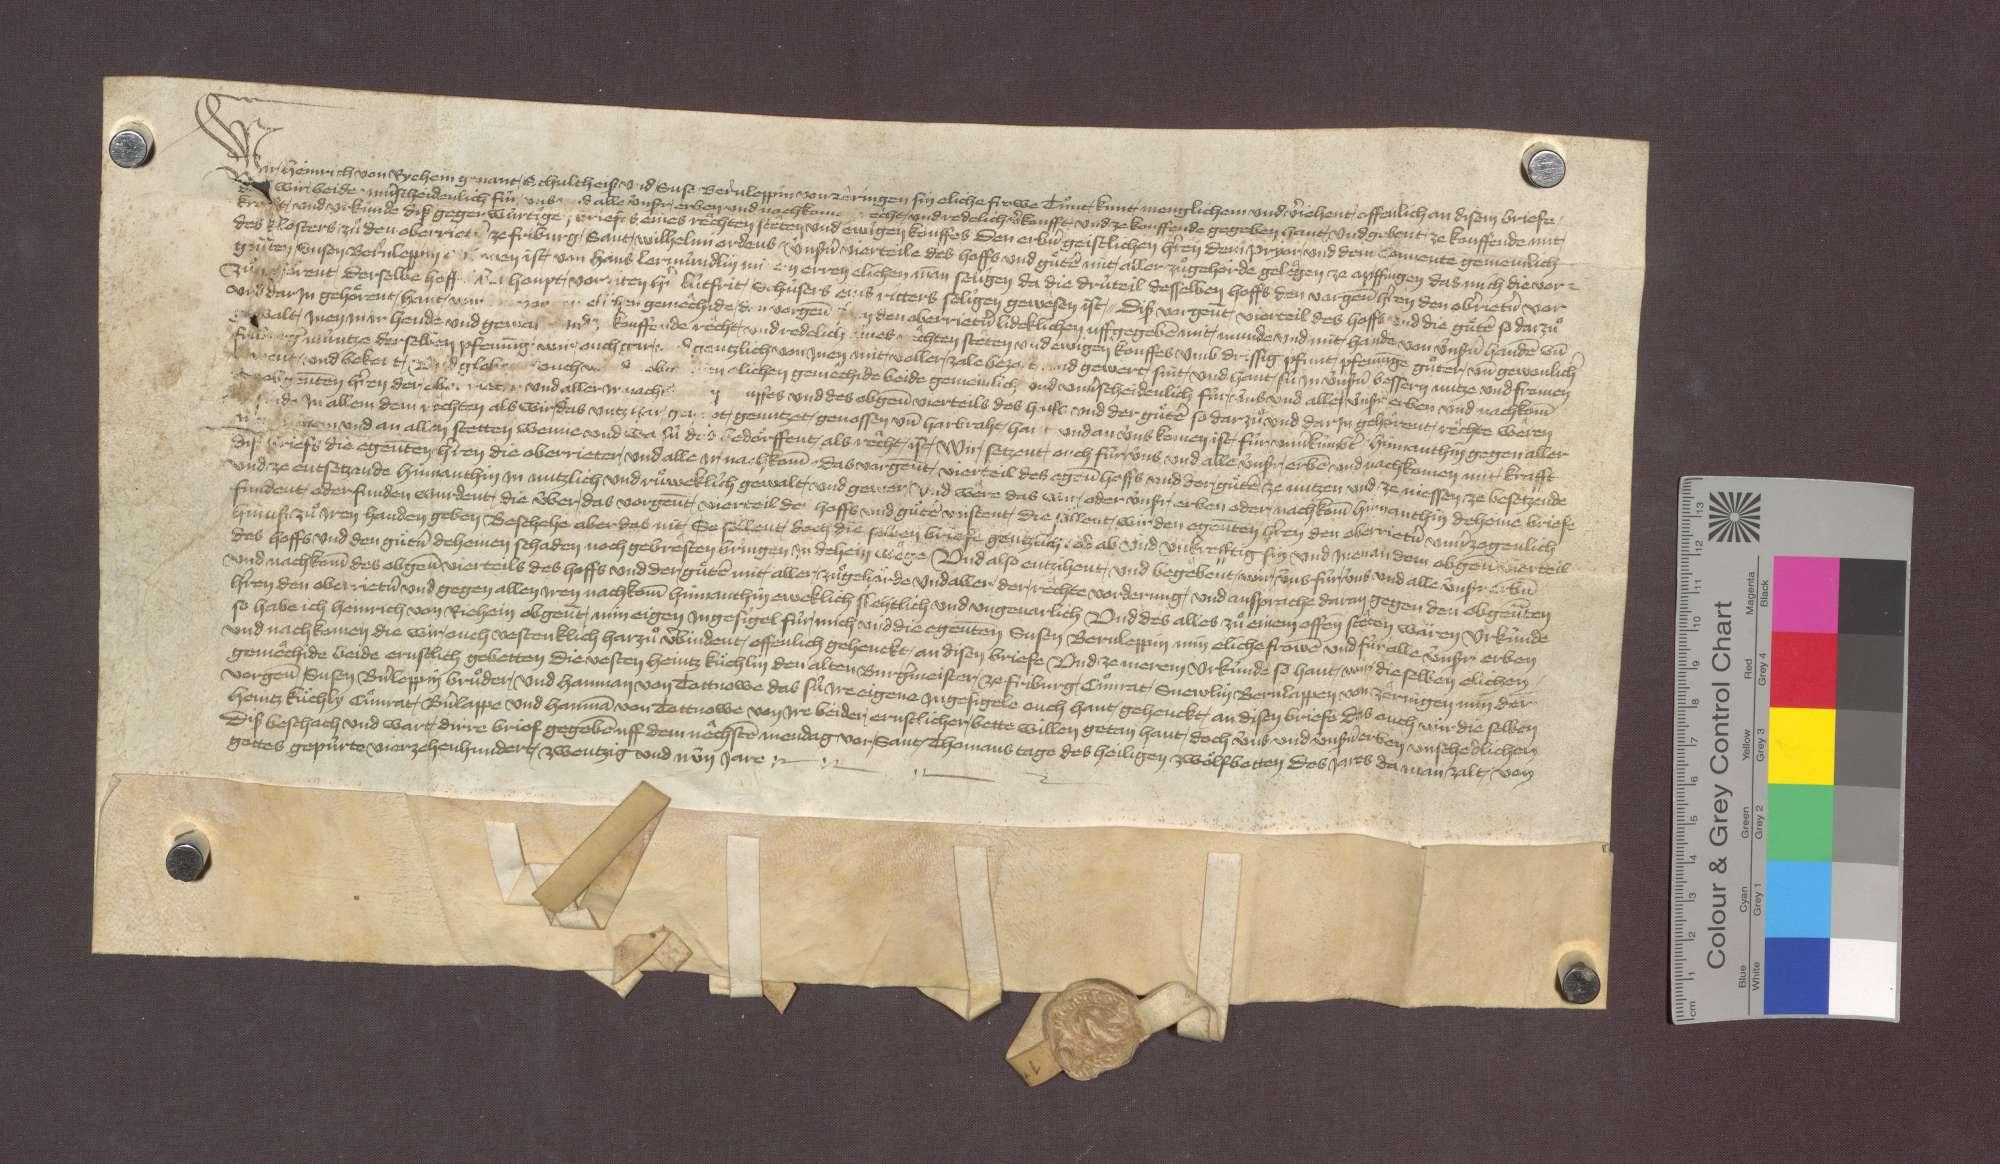 Heinrich von Richein gen. Schultheiß und seine Ehefrau Suse Bernlapp von Zähringen verkaufen dem Kloster Oberried zu Freiburg das Viertel eines Hofes zu Opfingen um 30 Pfund Pfennig., Bild 1